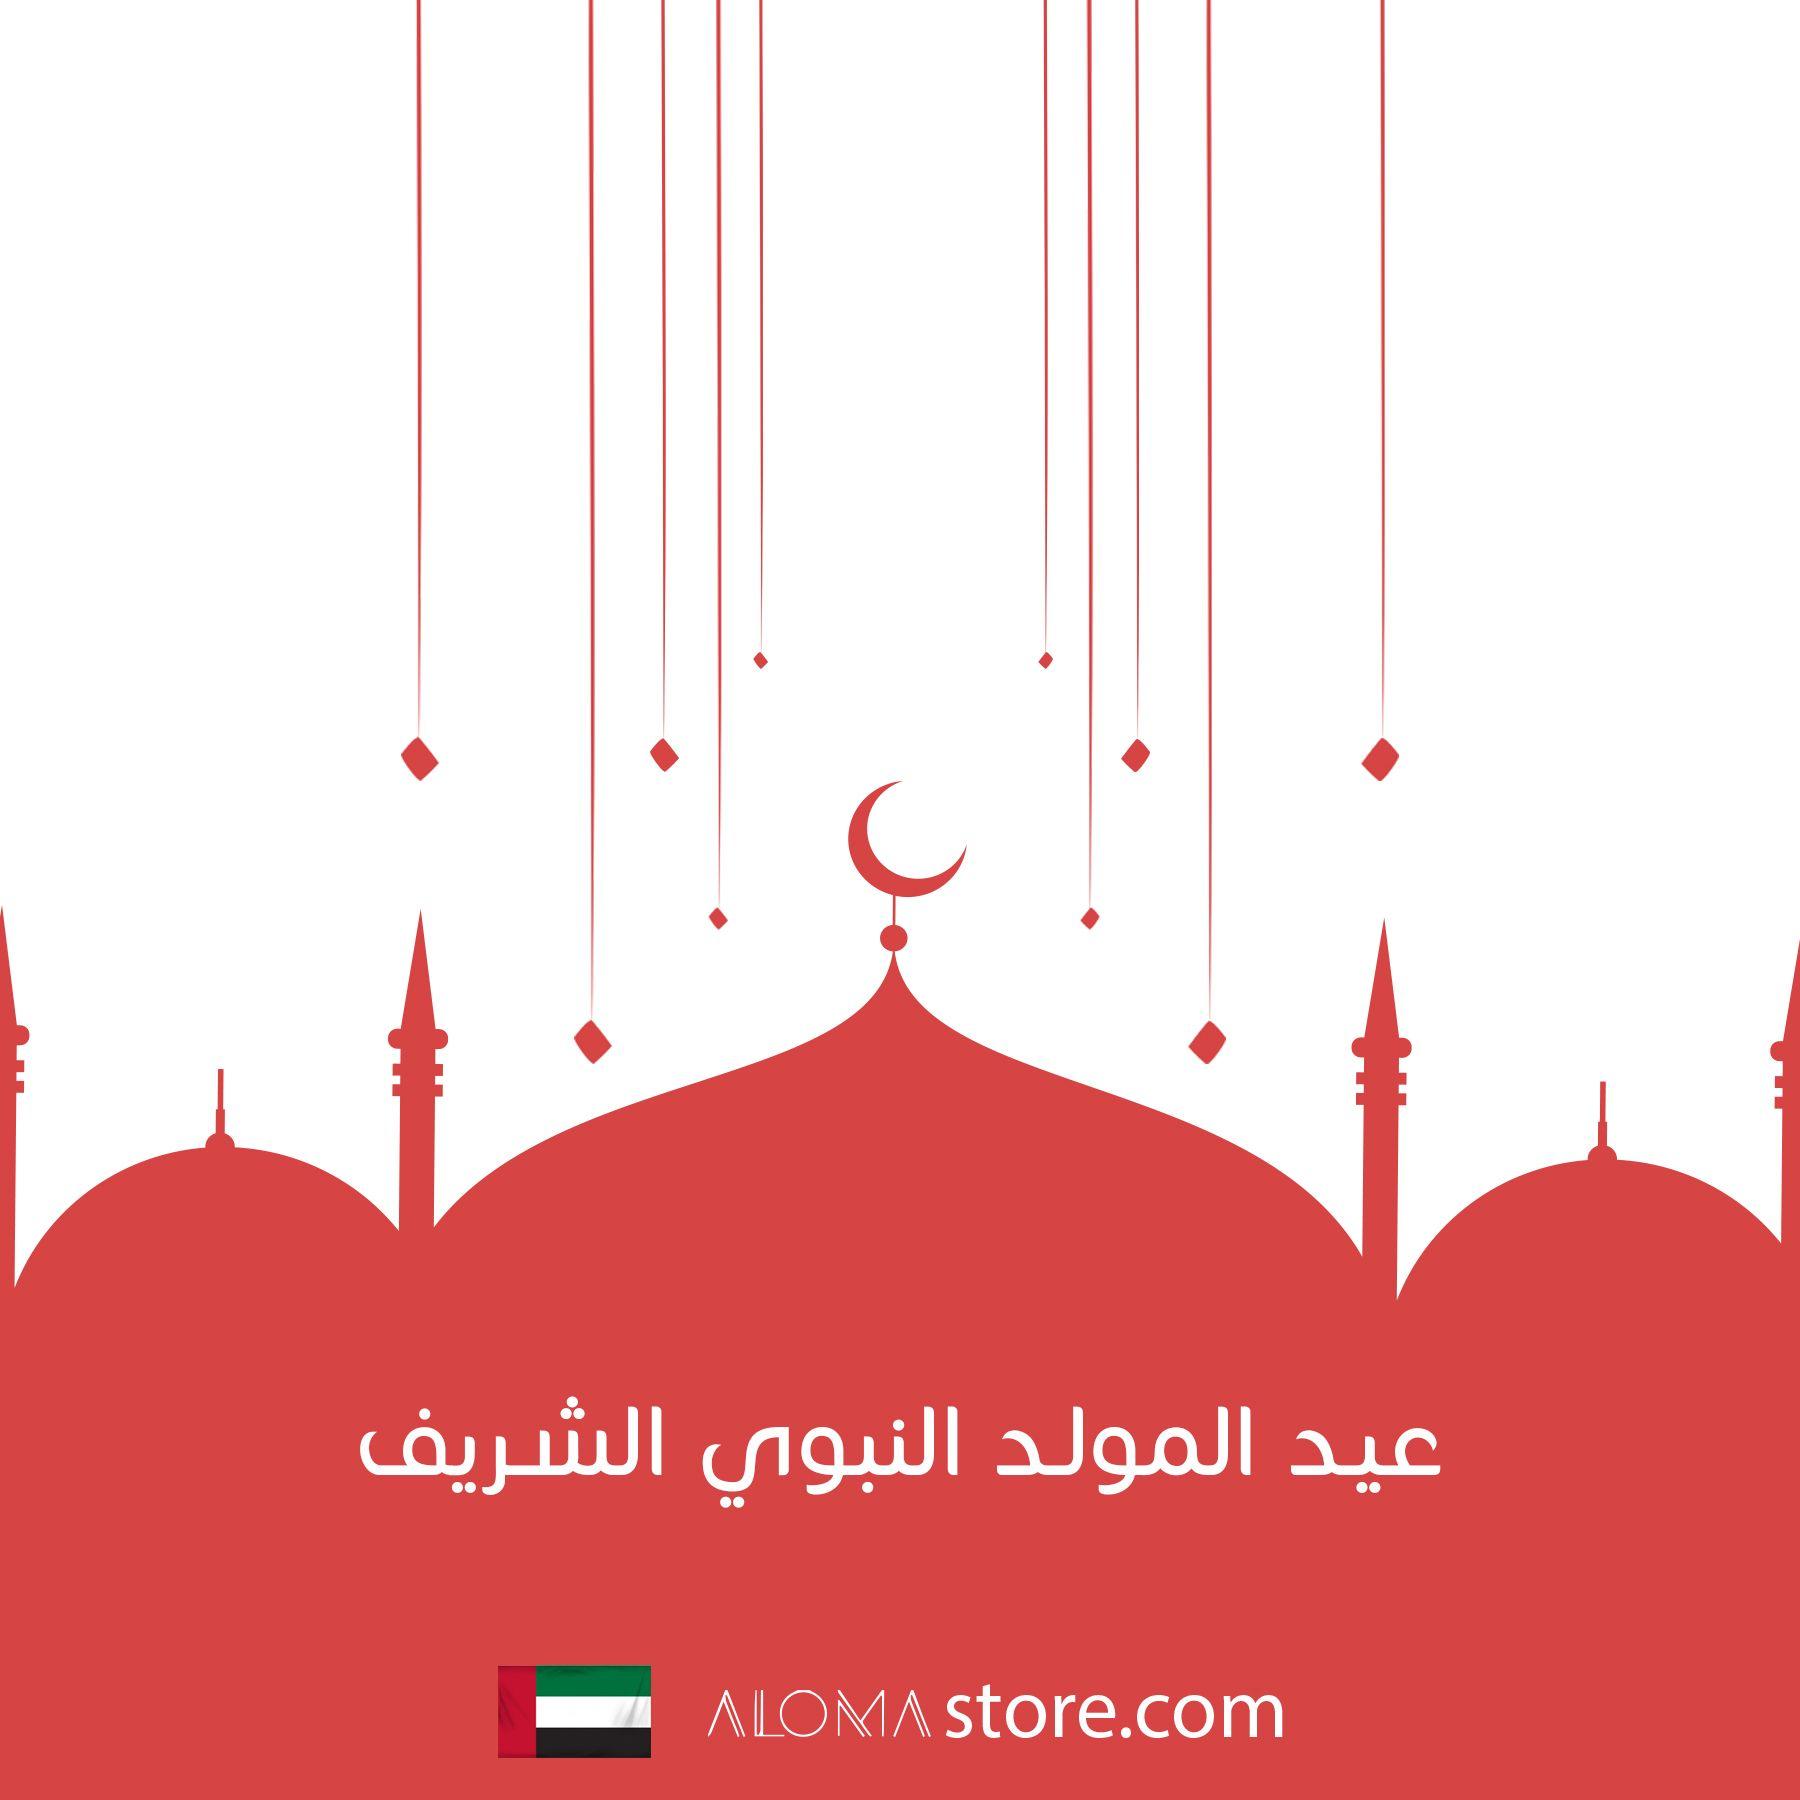 مبارك علينا وعليكم مولد النبي عليه أفضل الصلاة والسلام ألوما فاشن اونلاين تسوق دبي إمارات عيد المولد النبوي الشريف Www Alo Ceiling Lights Islam Light